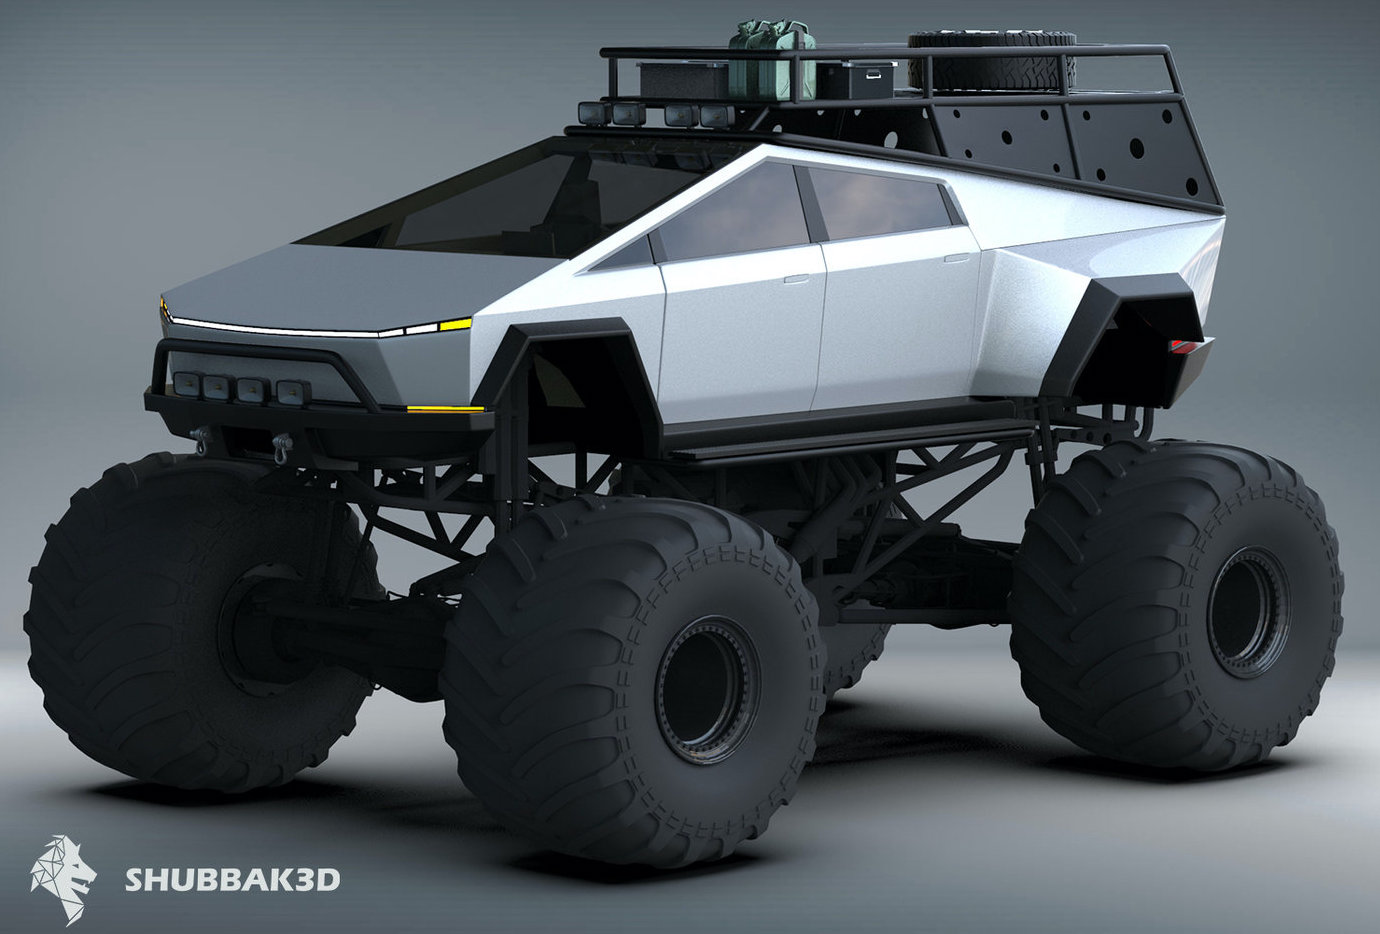 Концепция Tesla 'Monster' Cybertruck заставляет традиционные грузовики-монстры выглядеть ручными